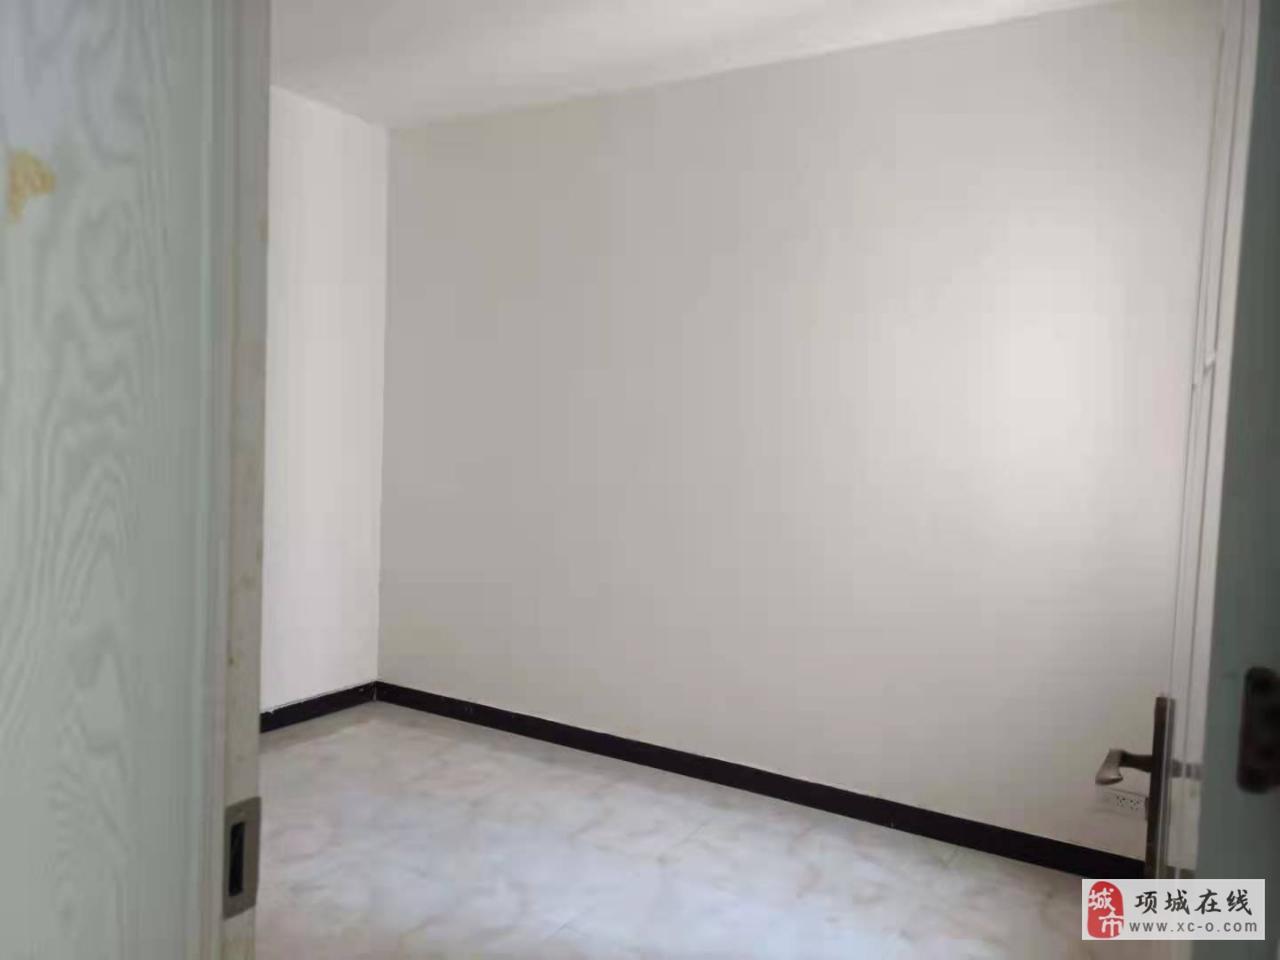 聚福小区2室 2厅 1卫29万元